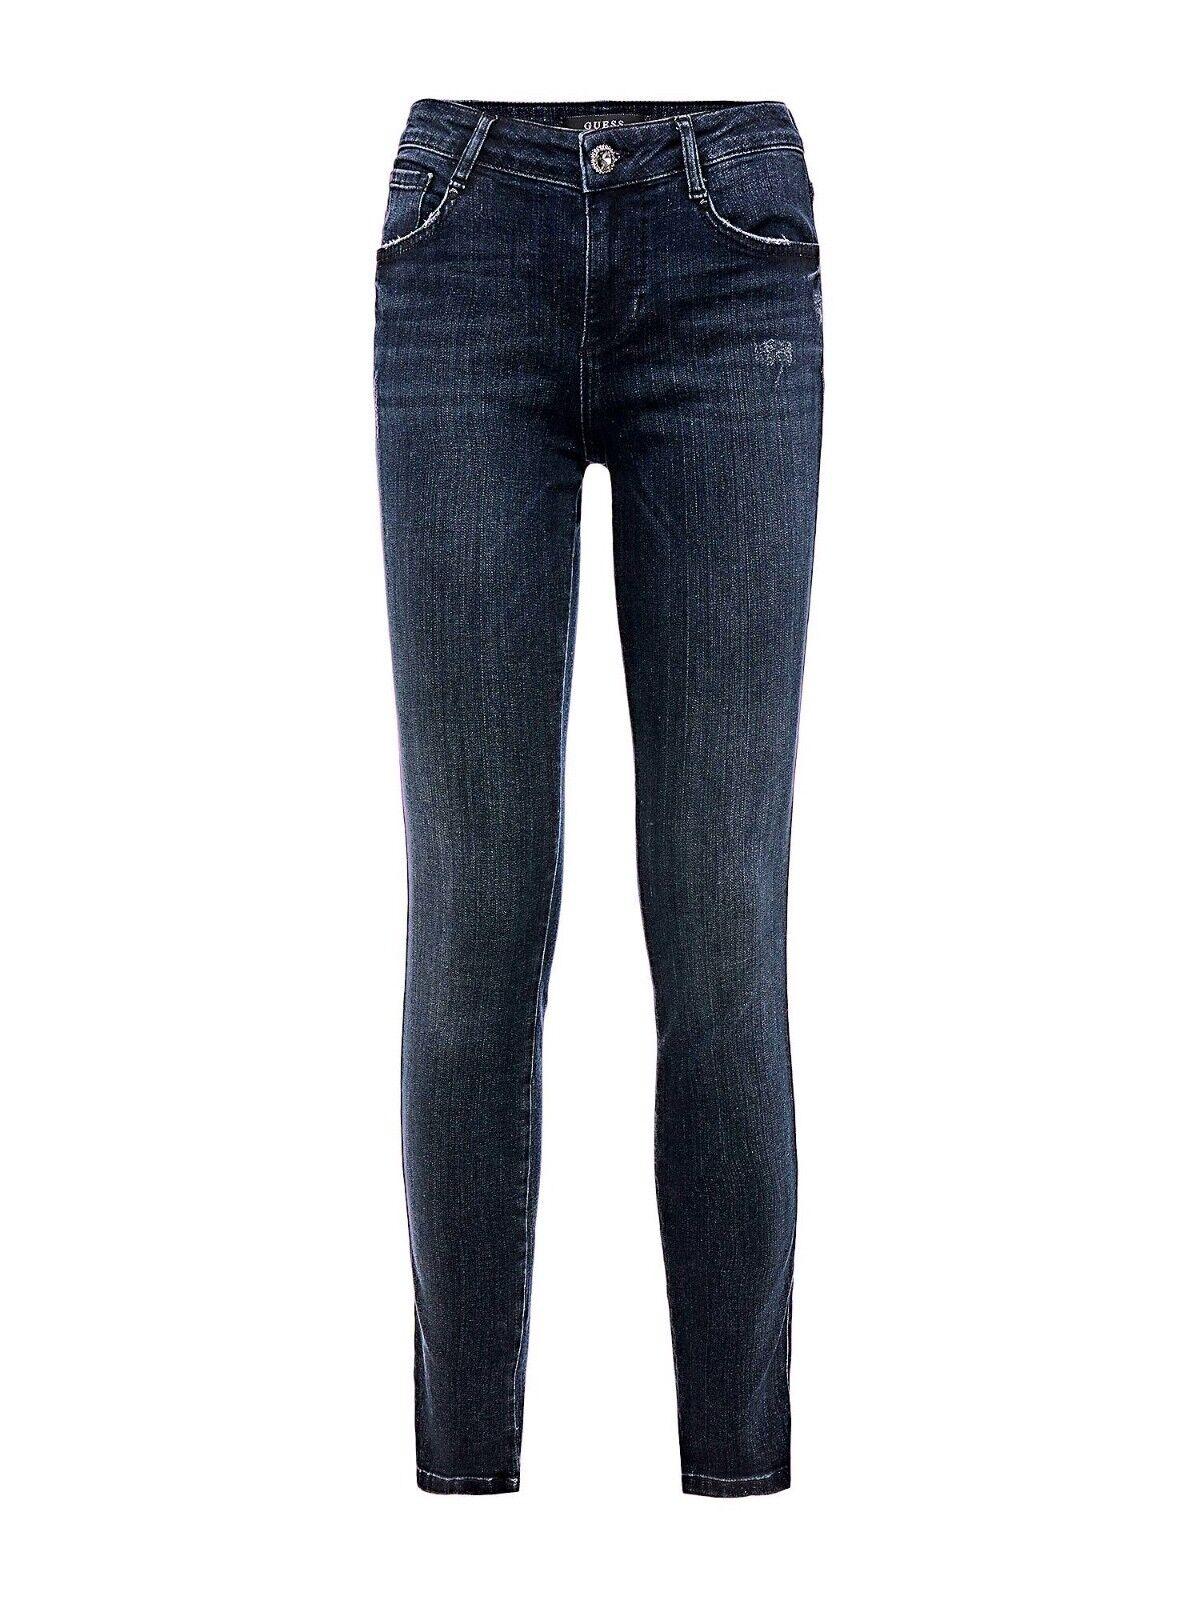 GUESS Damen Jeans ANNETTE Skinny Dunkelblau